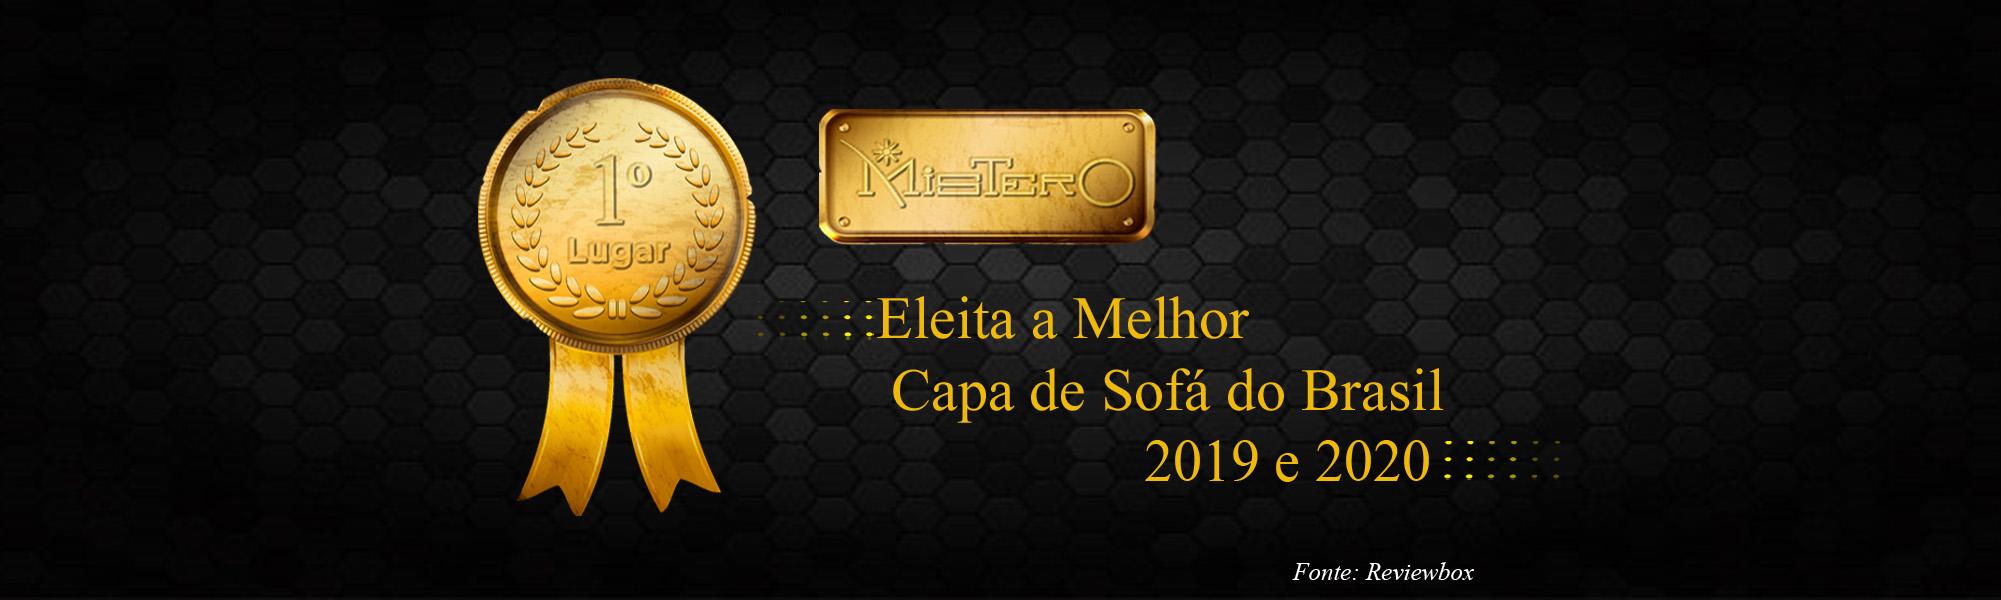 Eleita a Melhor Capa de Sofá do Brasil